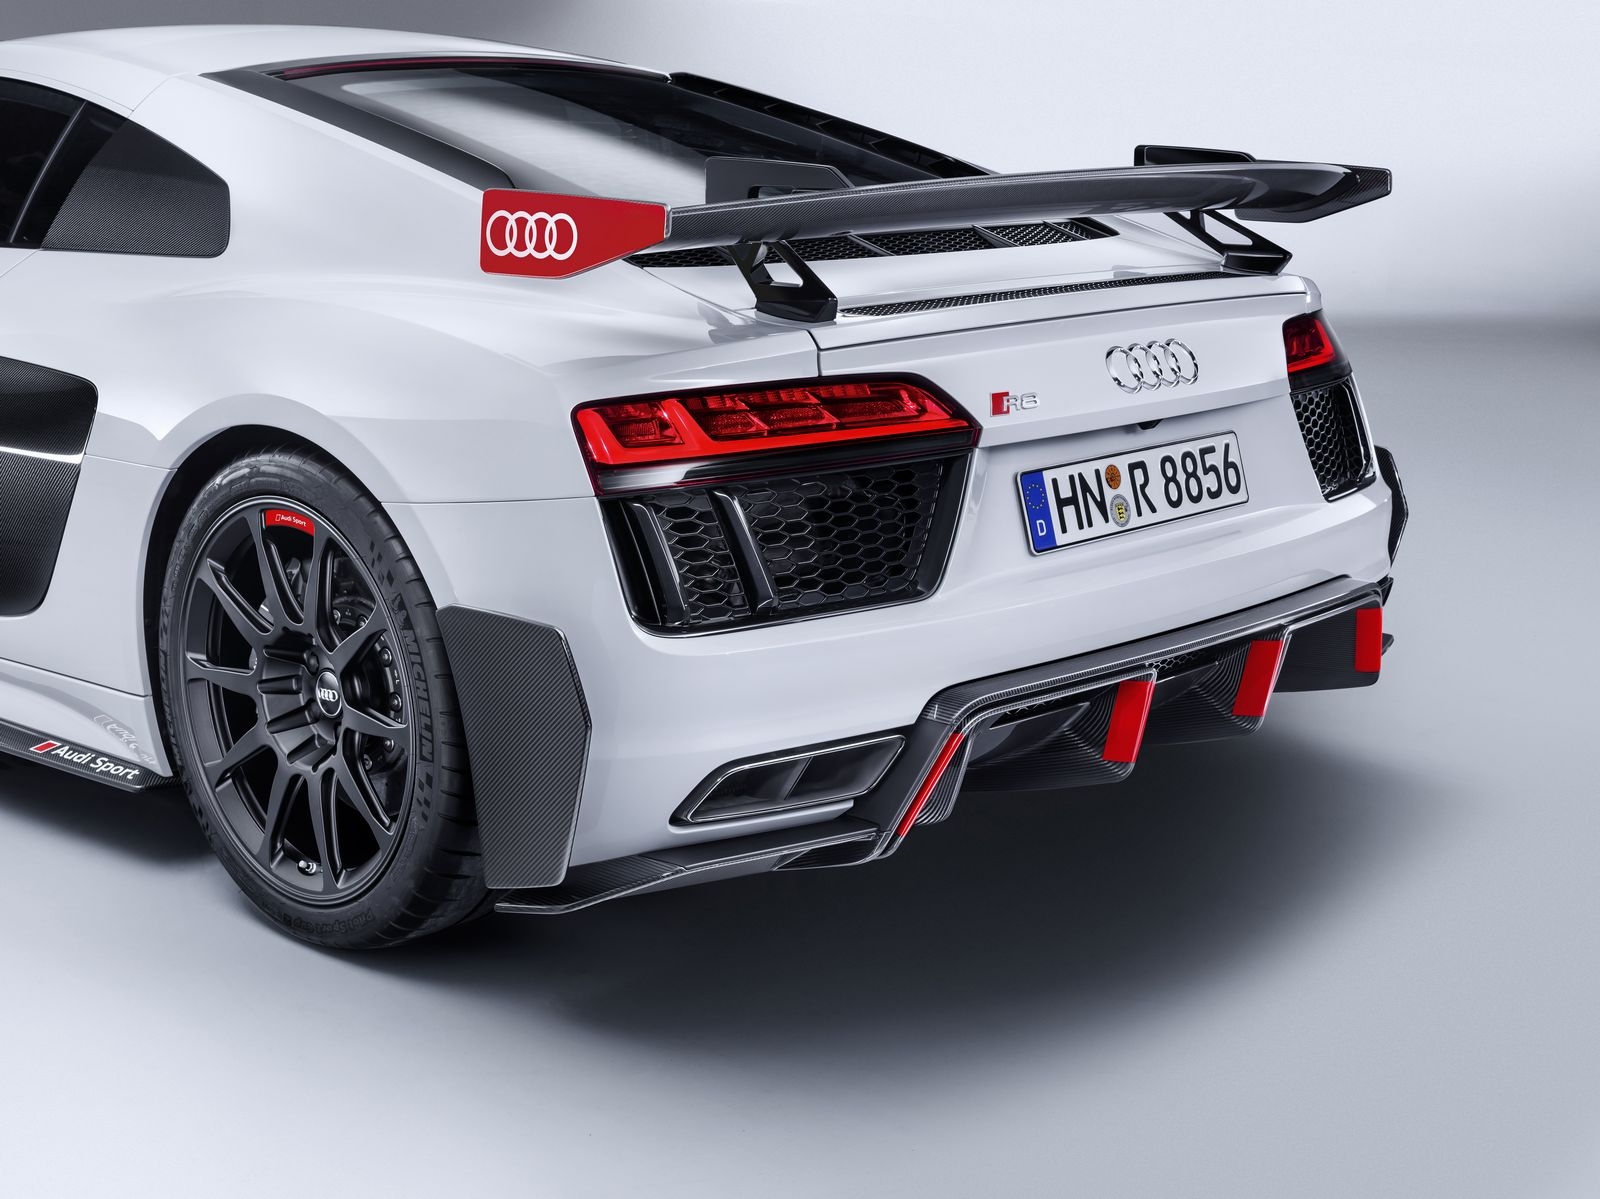 Kelebihan Audi R8 Rs Review